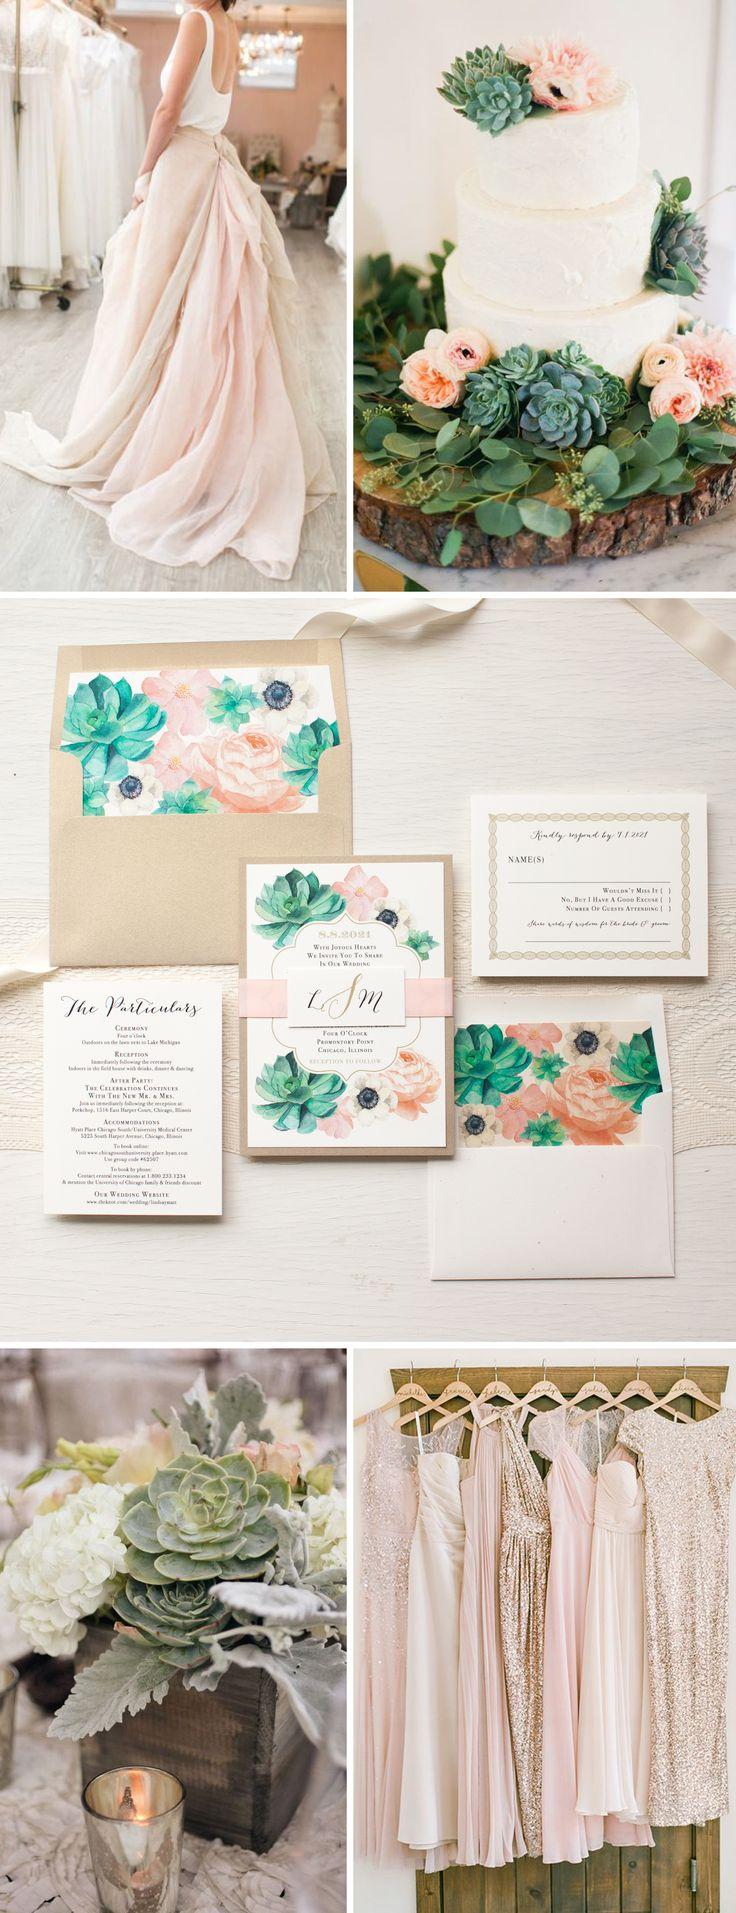 succulent wedding invitations succulent wedding invitations Blush Succulent Anemone Wedding Invitations